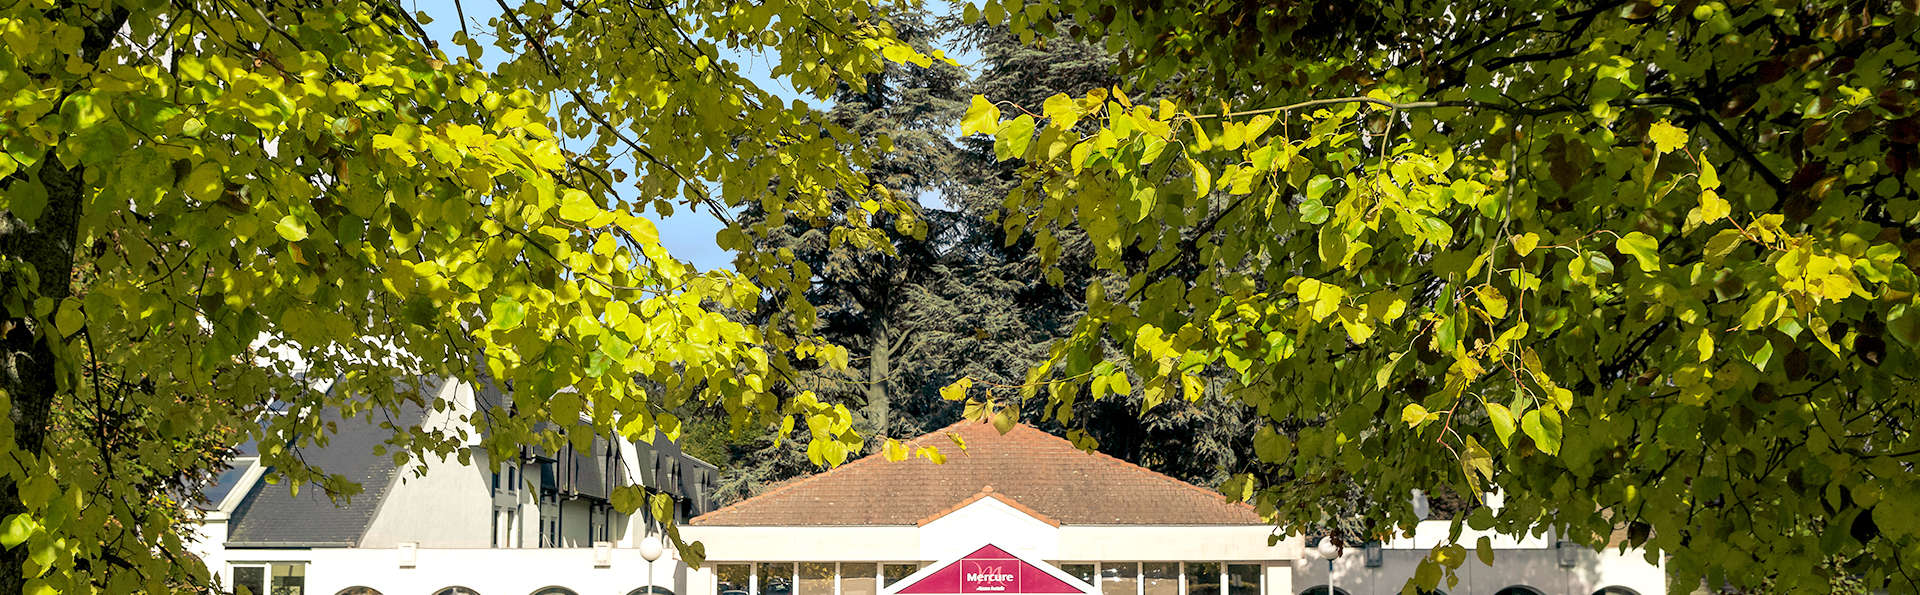 Mercure Demeure De Campagne Parc Du Coudray - Edit_Front2.jpg